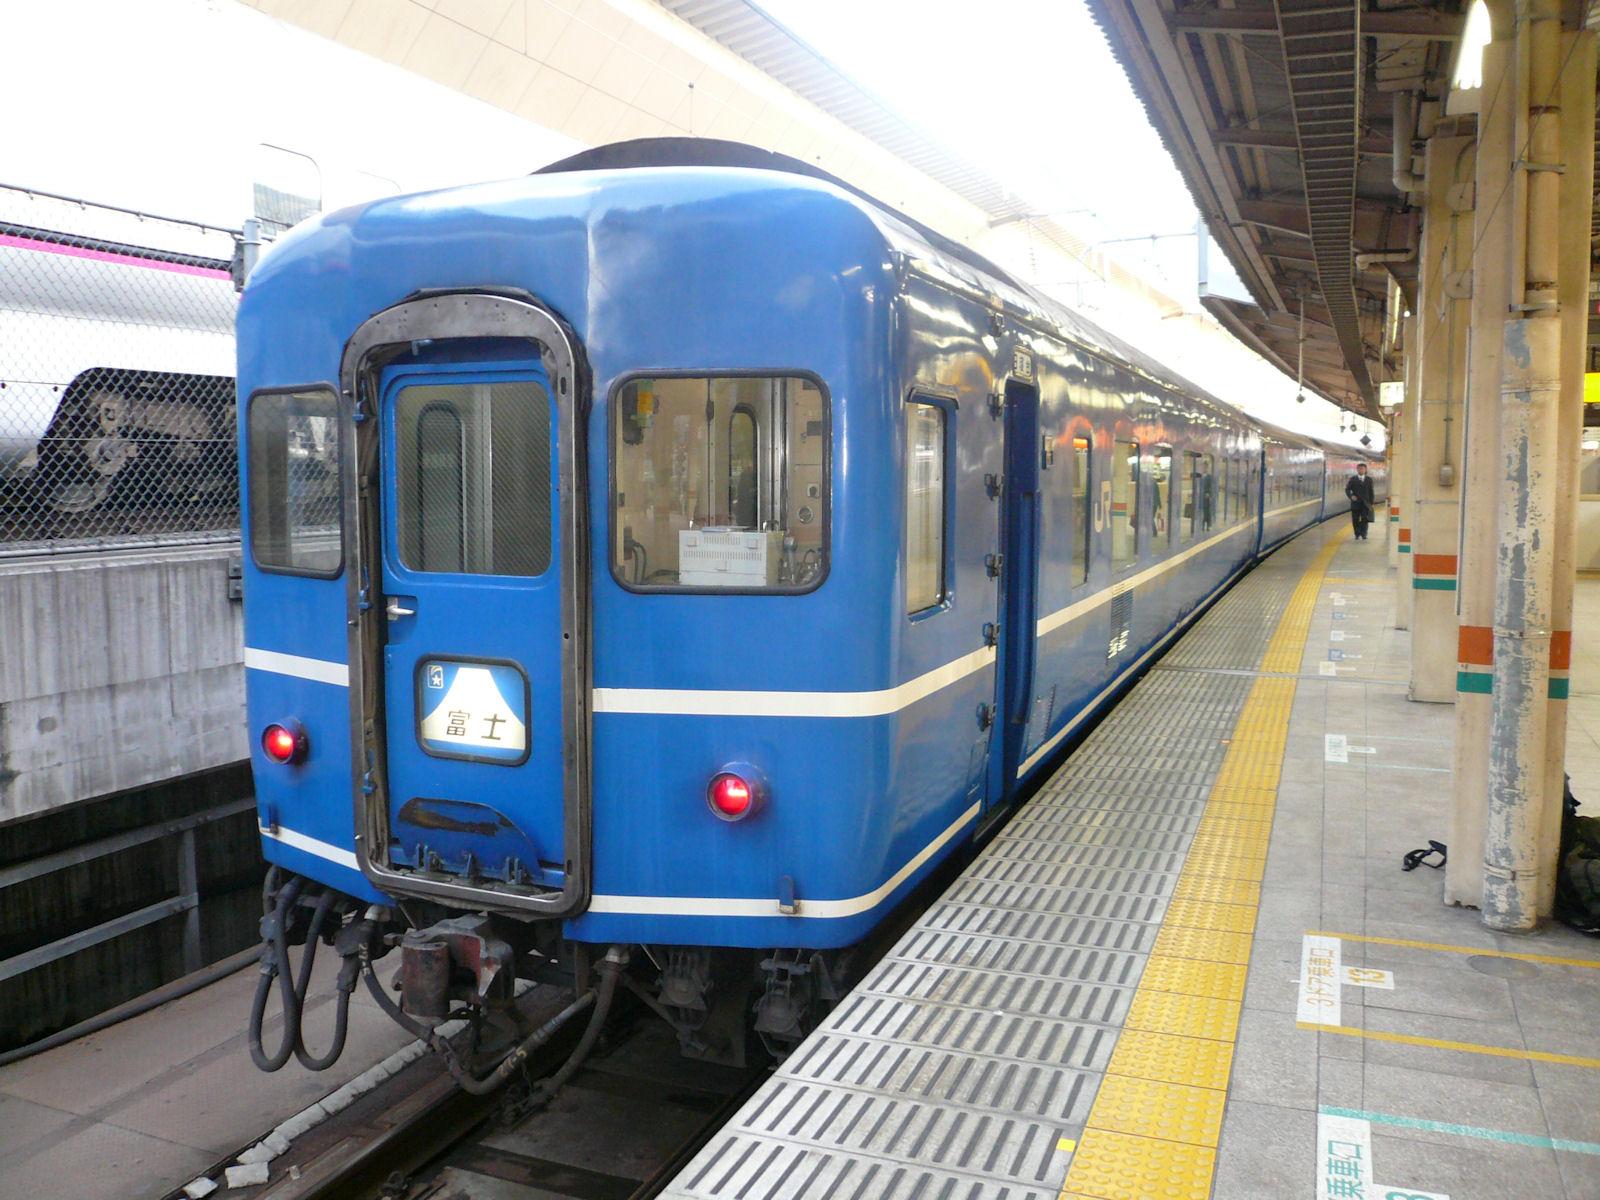 寝台特急富士号客車(JPG-392k)